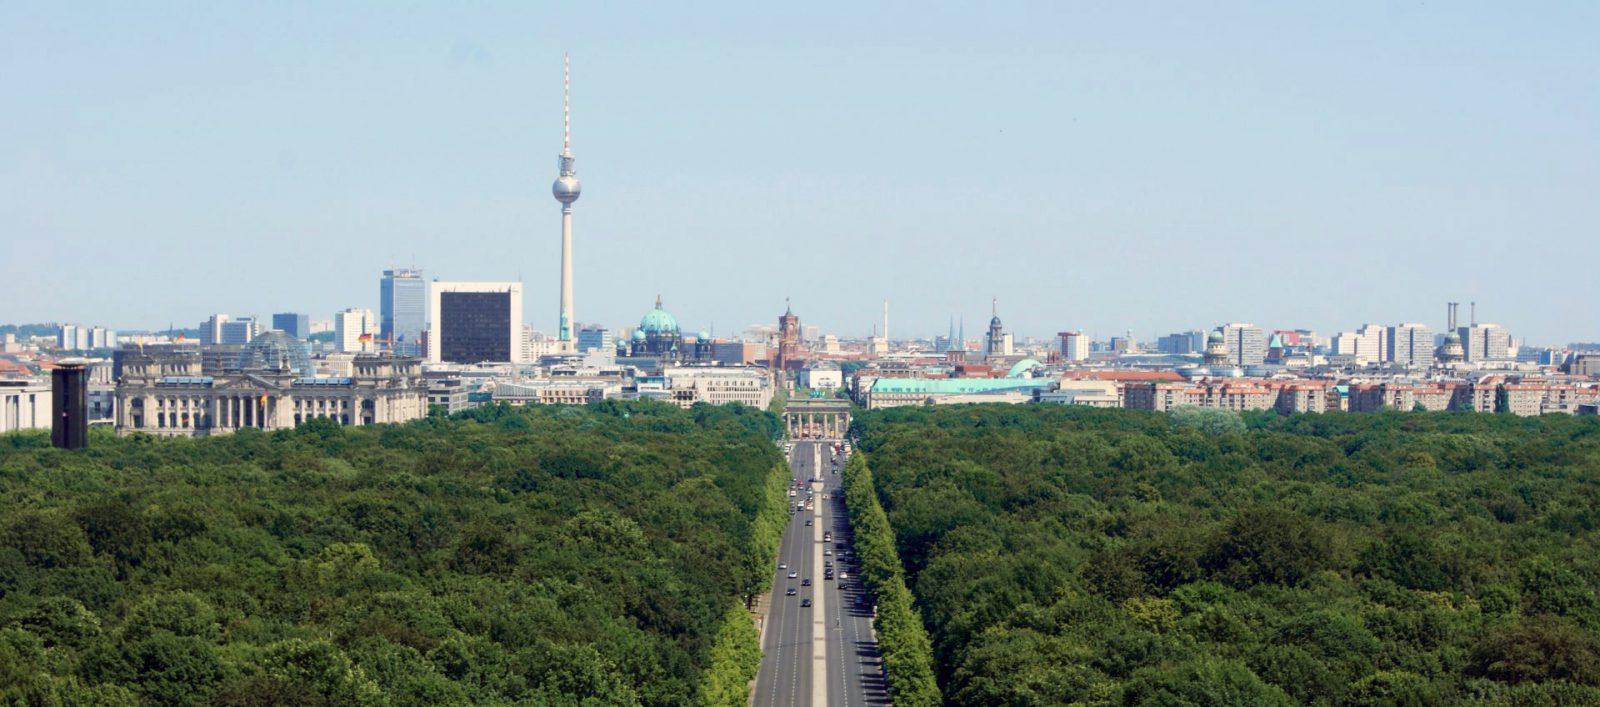 Berlin Mitte mit Fernsehturm, Reichstag, Brandenburger Tor und Rotem Rathaus